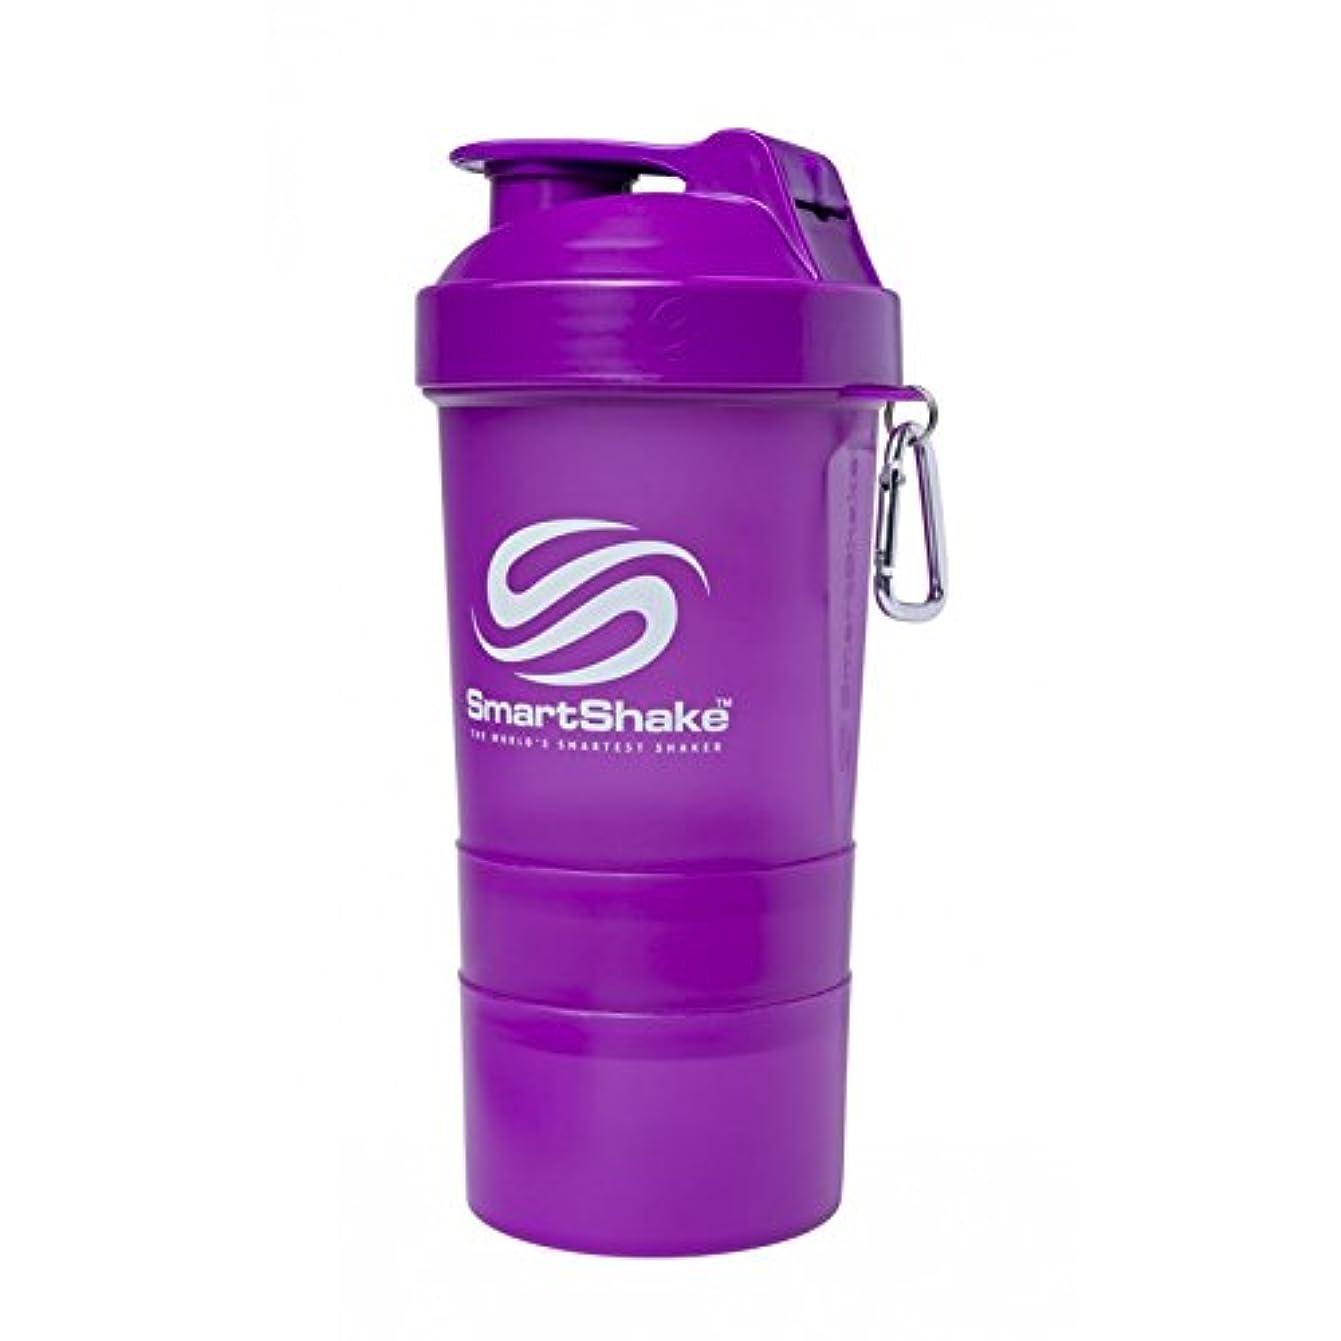 ハイキングに行くマウントヘリコプターSmartShake Original Shaker Cup, Neon Purple, 20 oz by smartshake